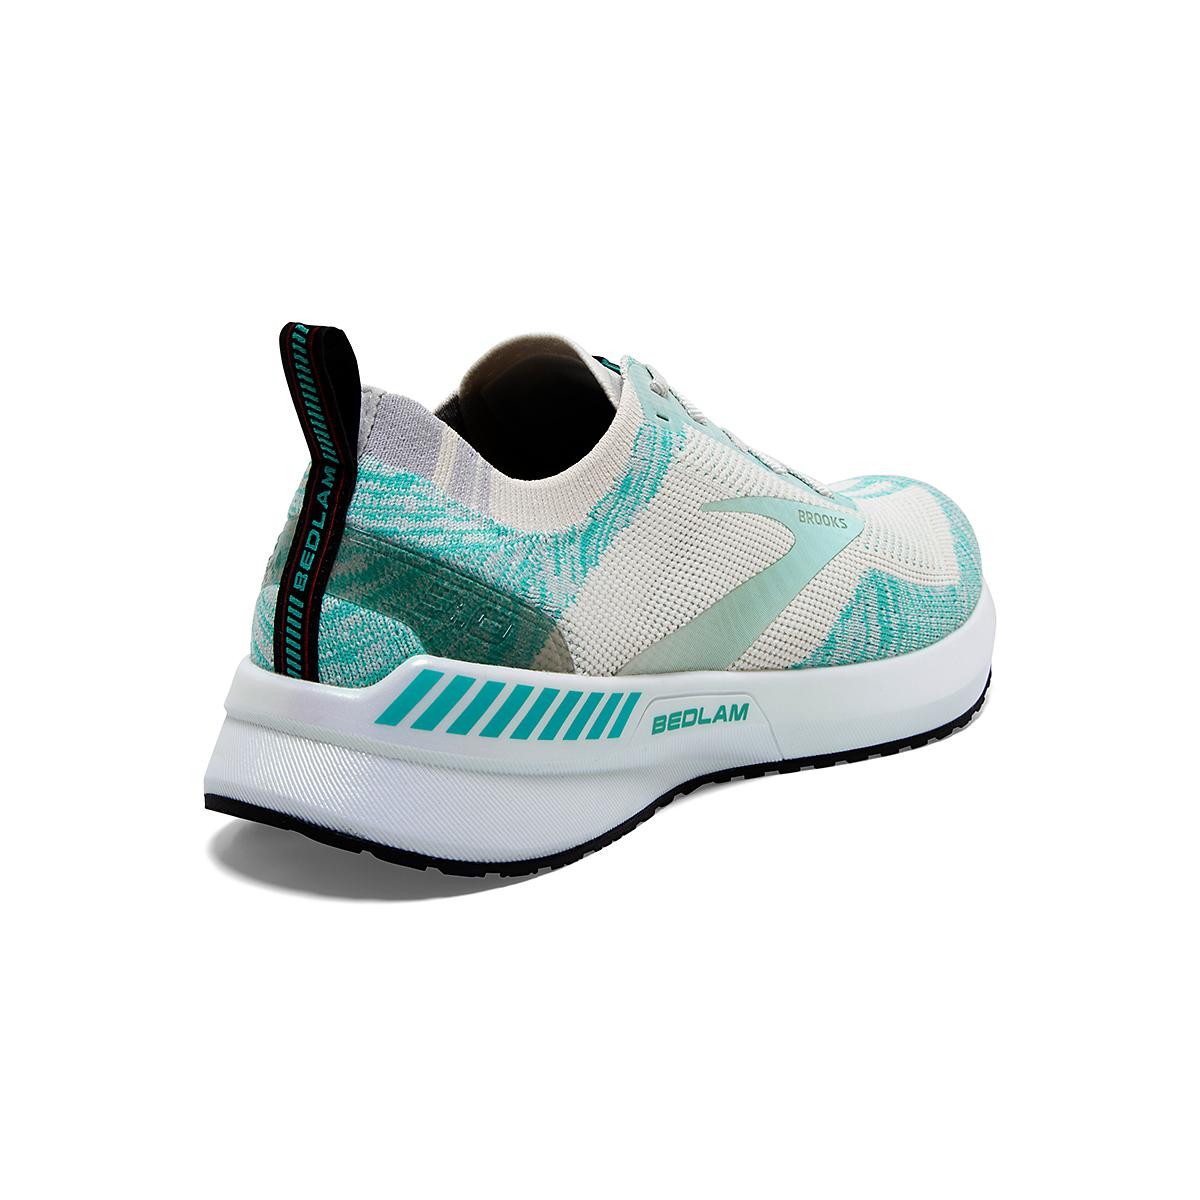 Women's Brooks Bedlam 3 Running Shoe - Color: Jet Stream/Atlantis/Antarctica - Size: 5 - Width: Regular, Jet Stream/Atlantis/Antarctica, large, image 4